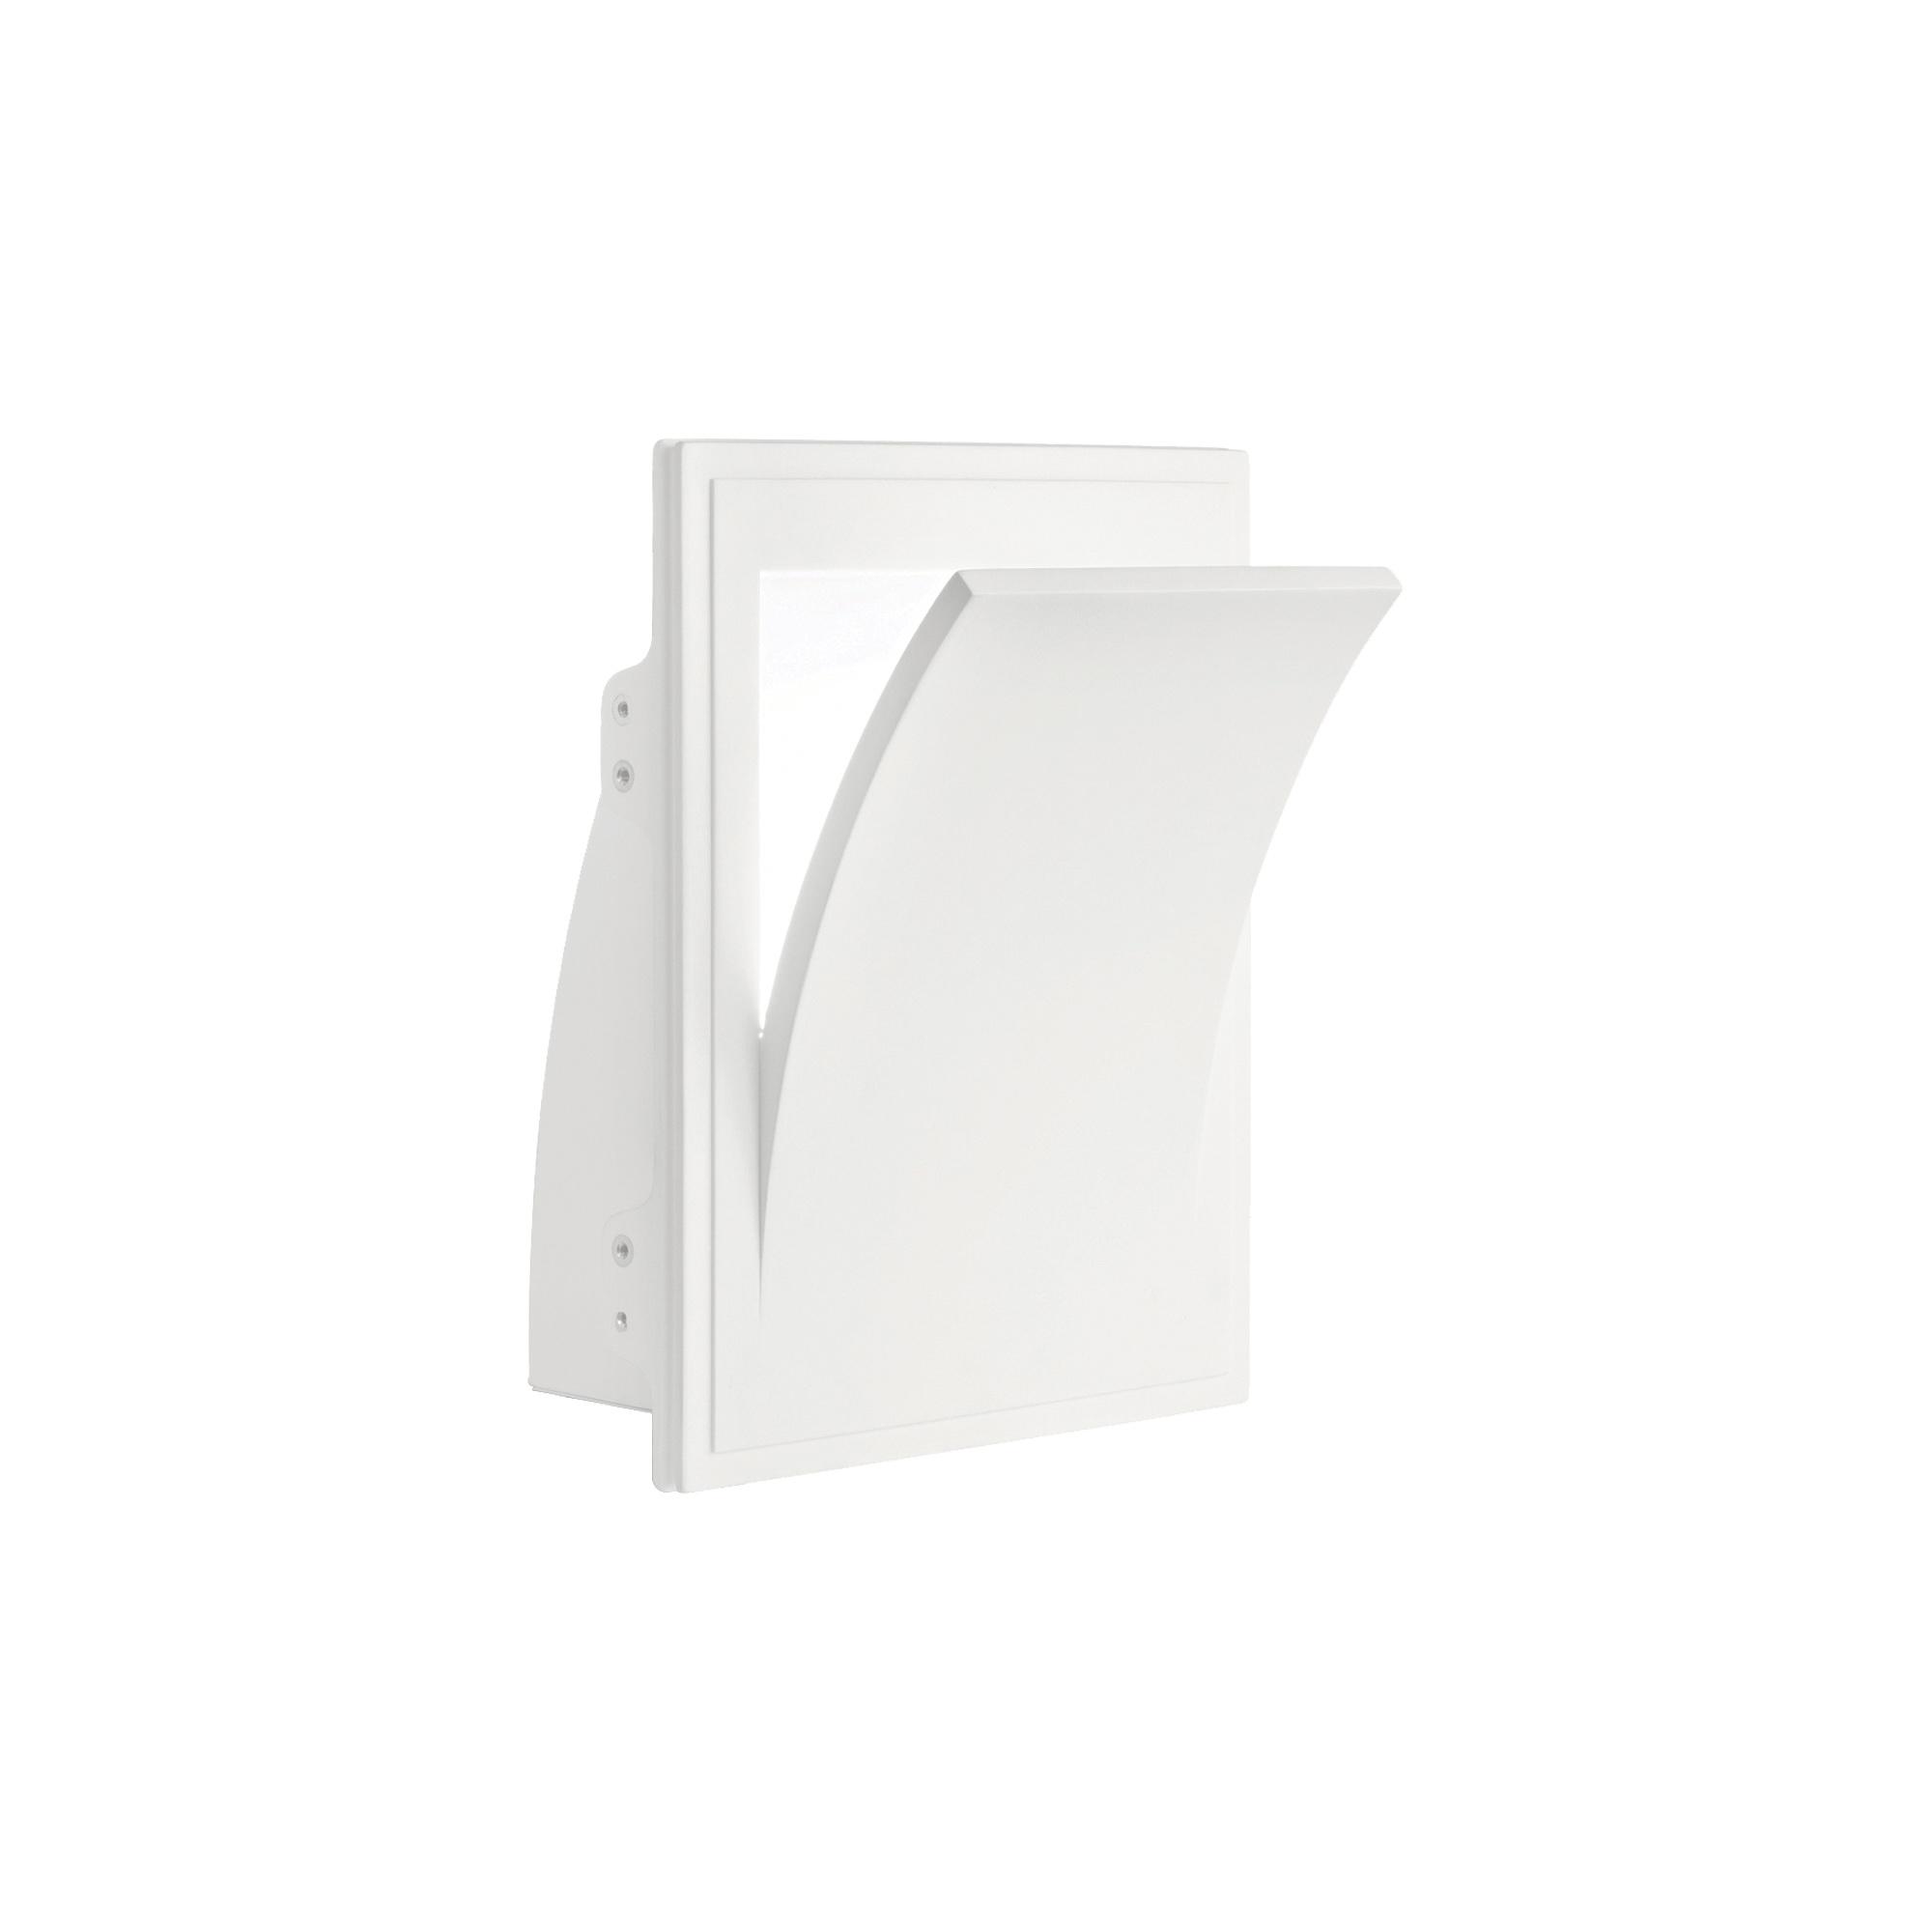 FOGLIO FI1 накладной светильник белый